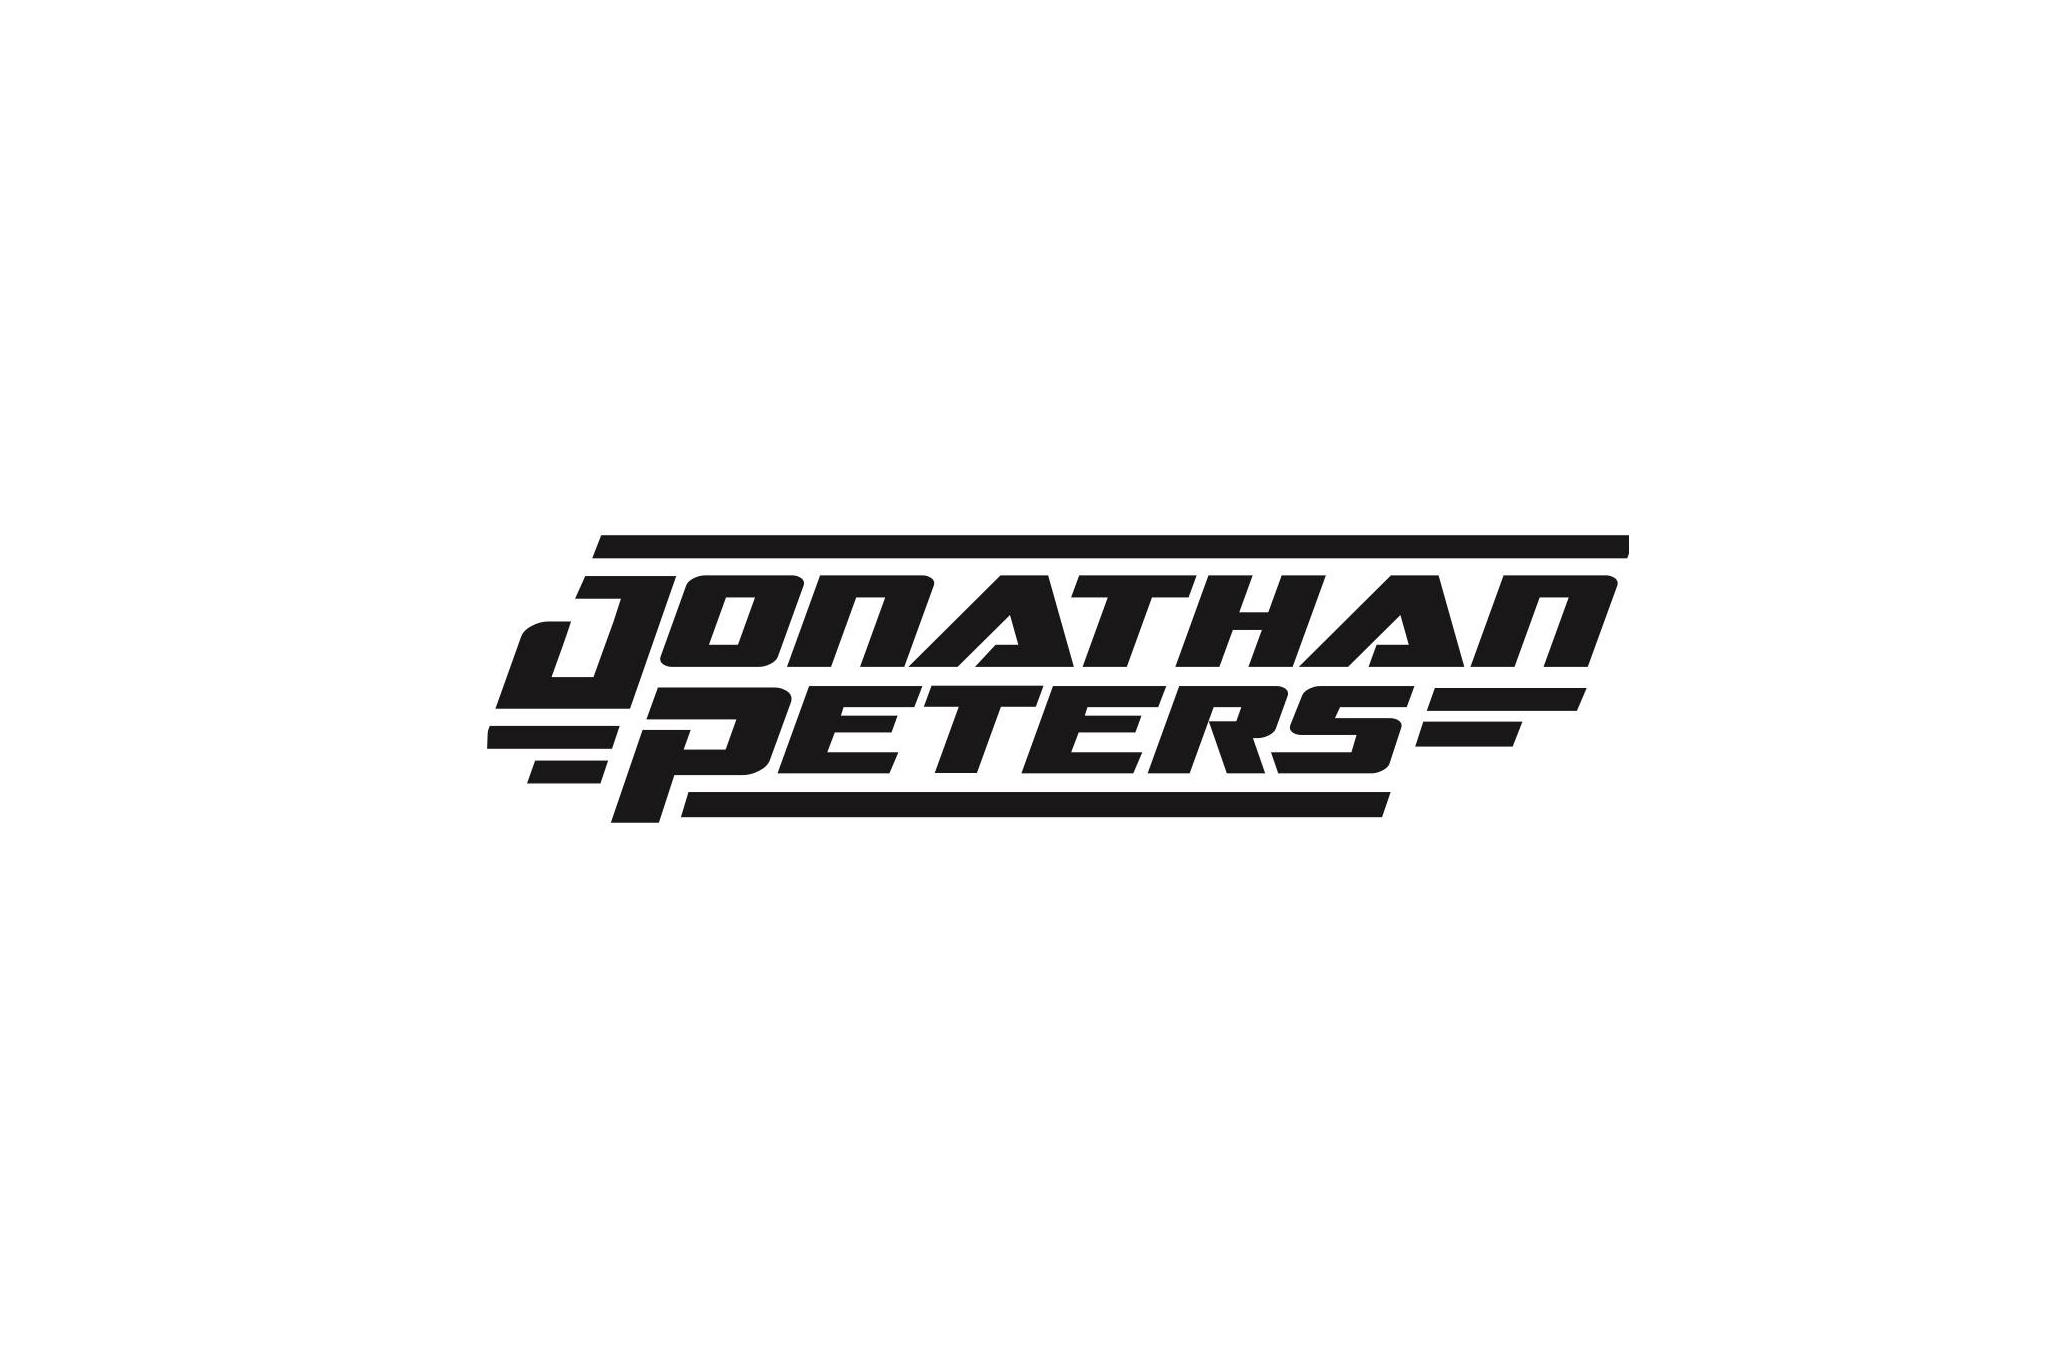 JONATHAN PETERS